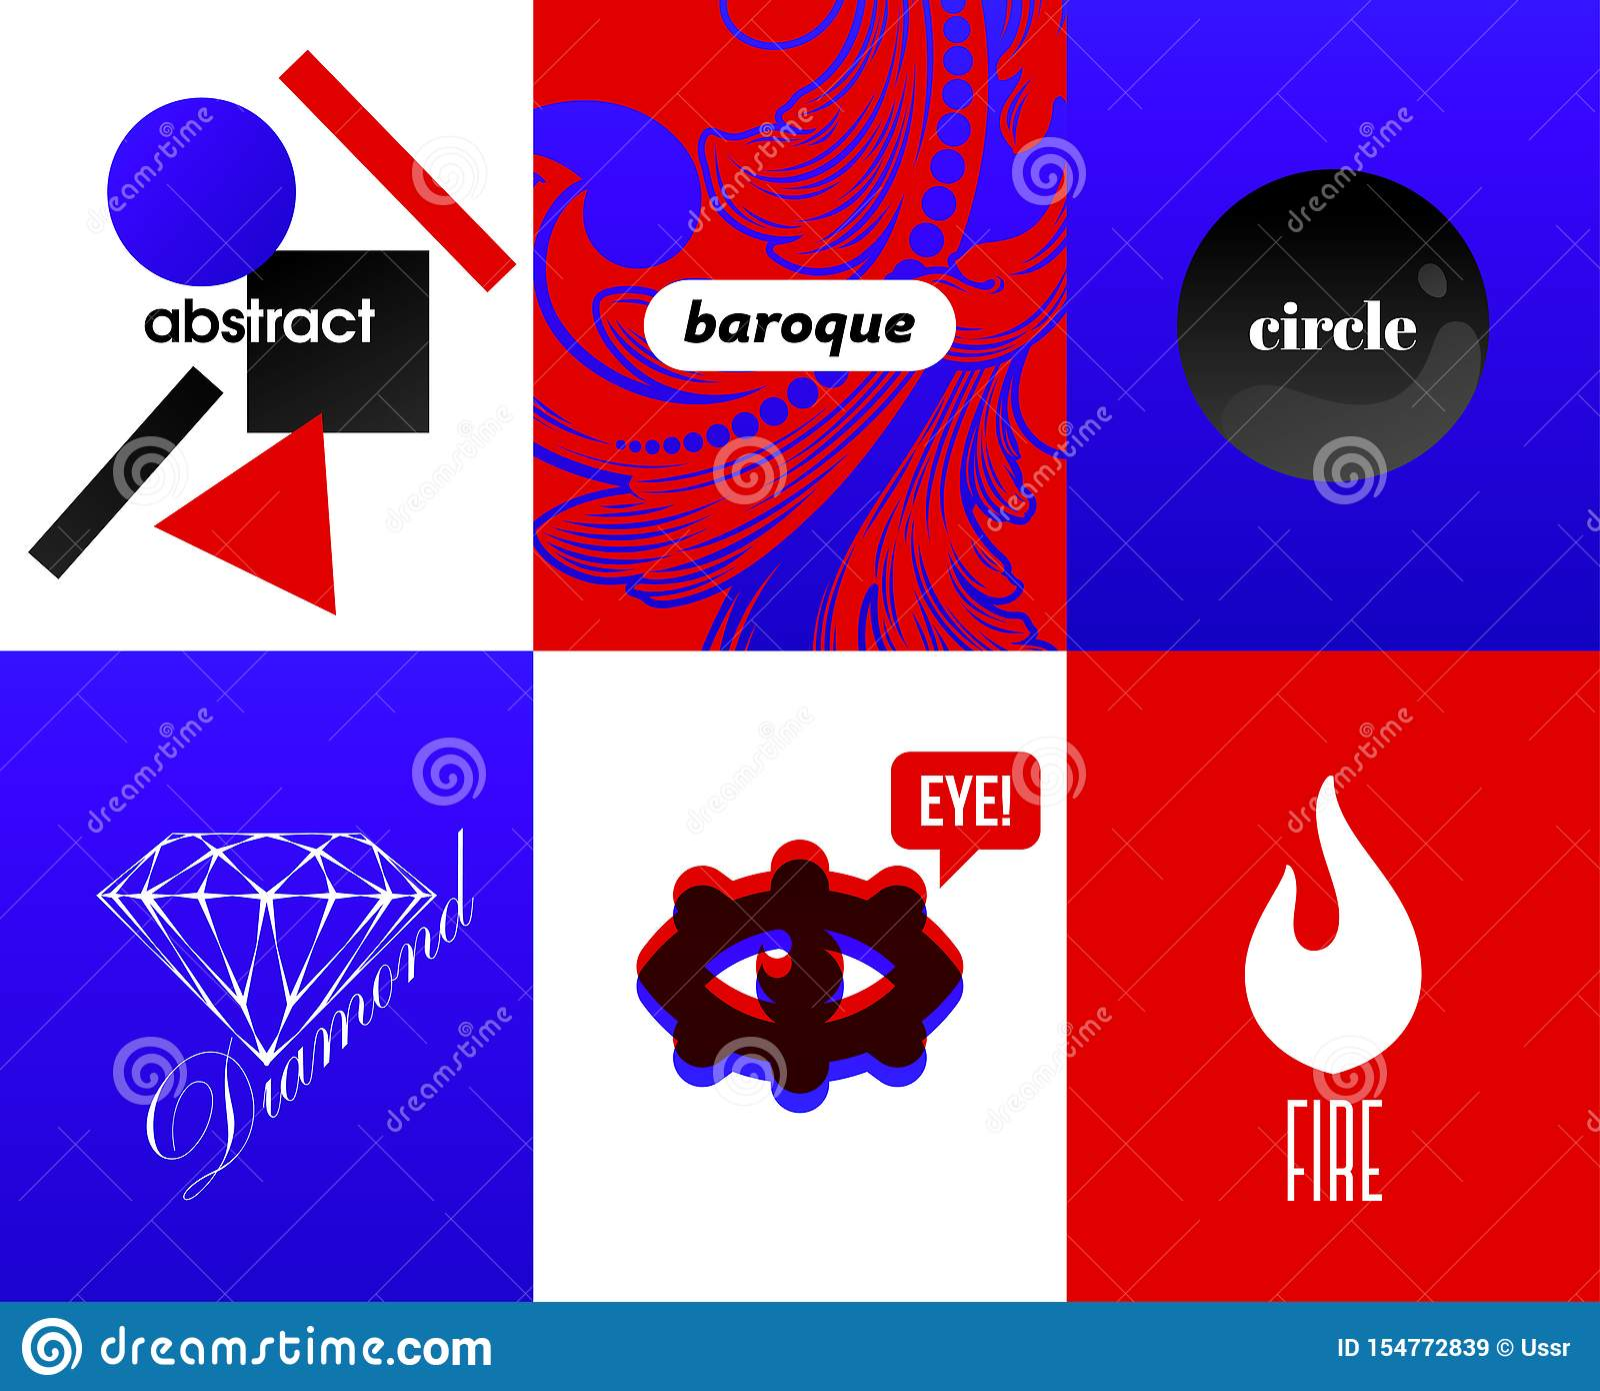 Abstracte dekking met moderne ontwerpelementen en koele typografisch op heldere en trillende gradiëntachtergronden Hipstersalfabe